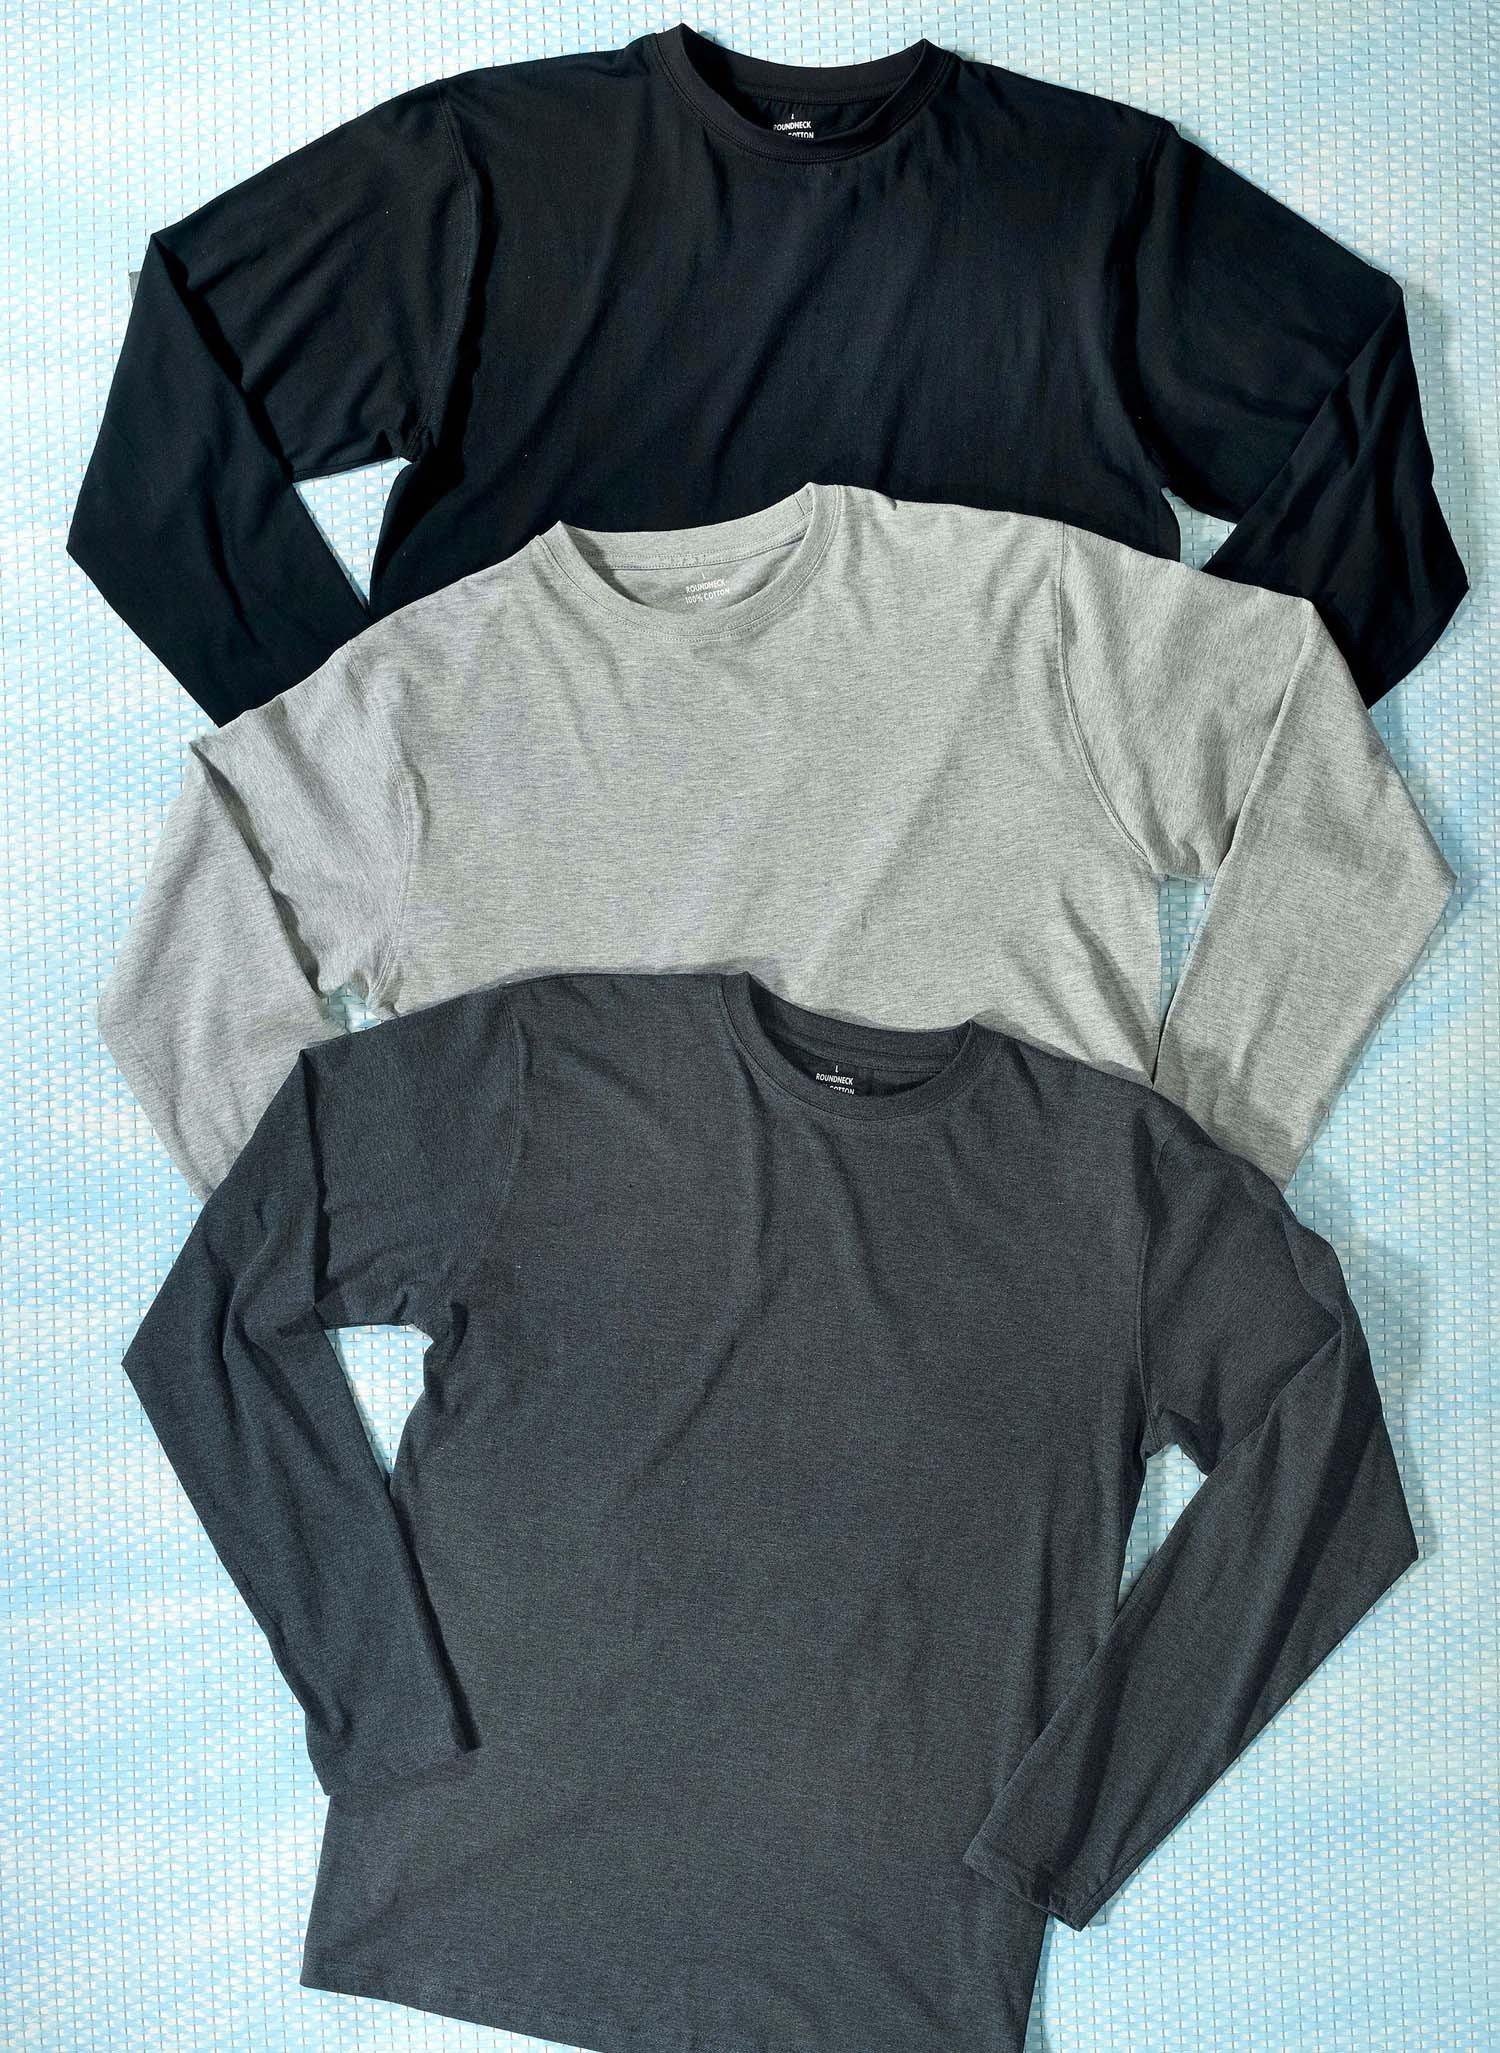 H-LA-Shirt,Rundhals schwarz L 010 - 2 - Ronja.ch